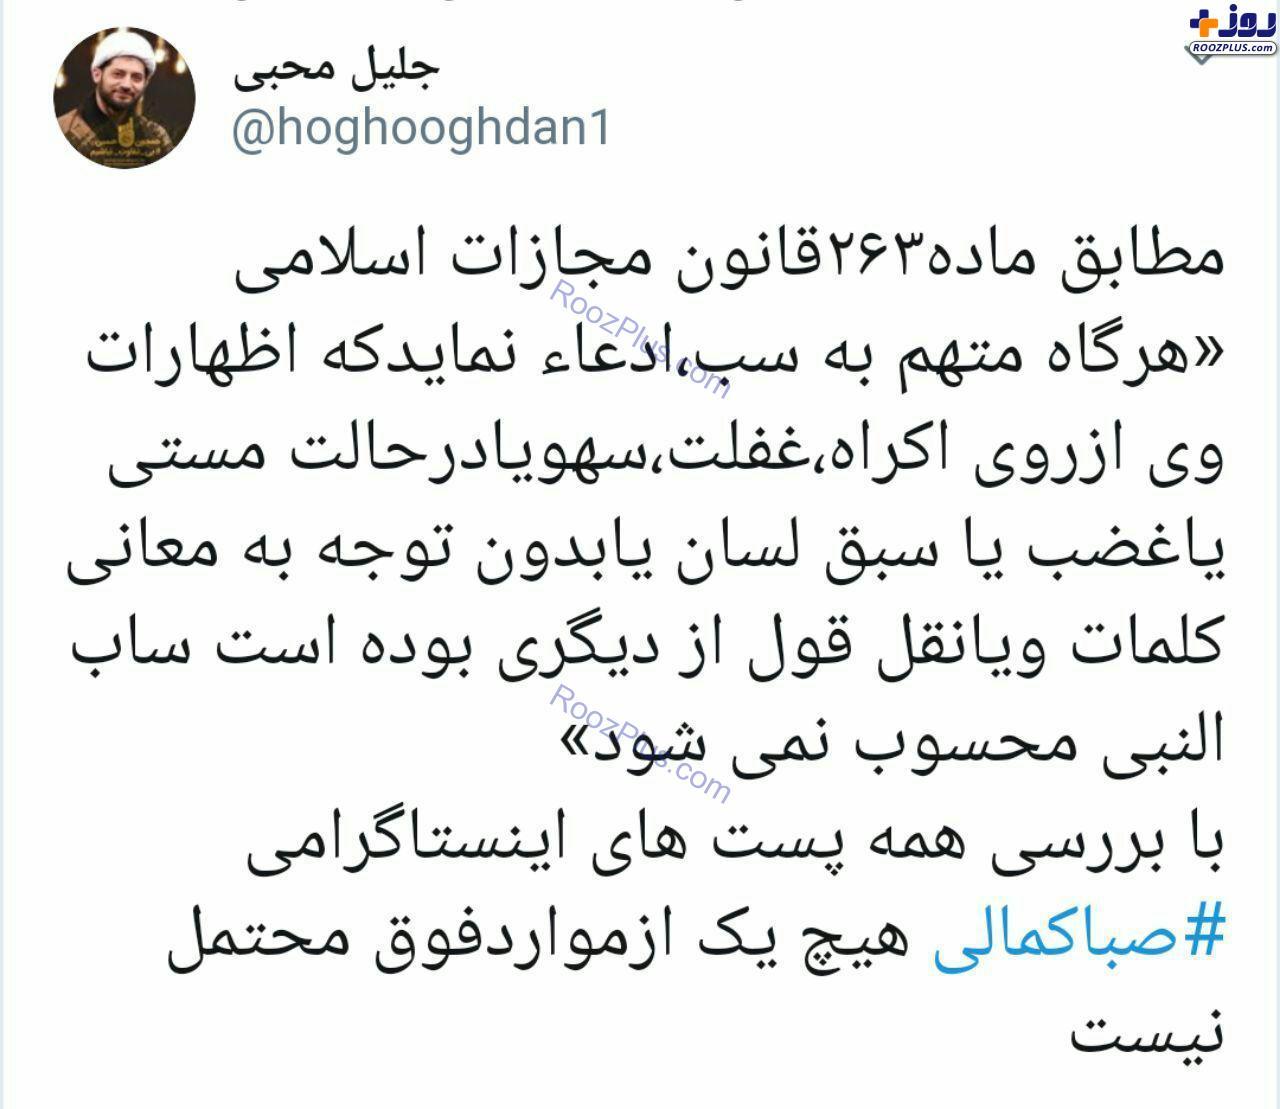 عكس/واکنش دبیر ستاد احیا امر به معروف به مطلب اینستاگرام بازیگر سینما